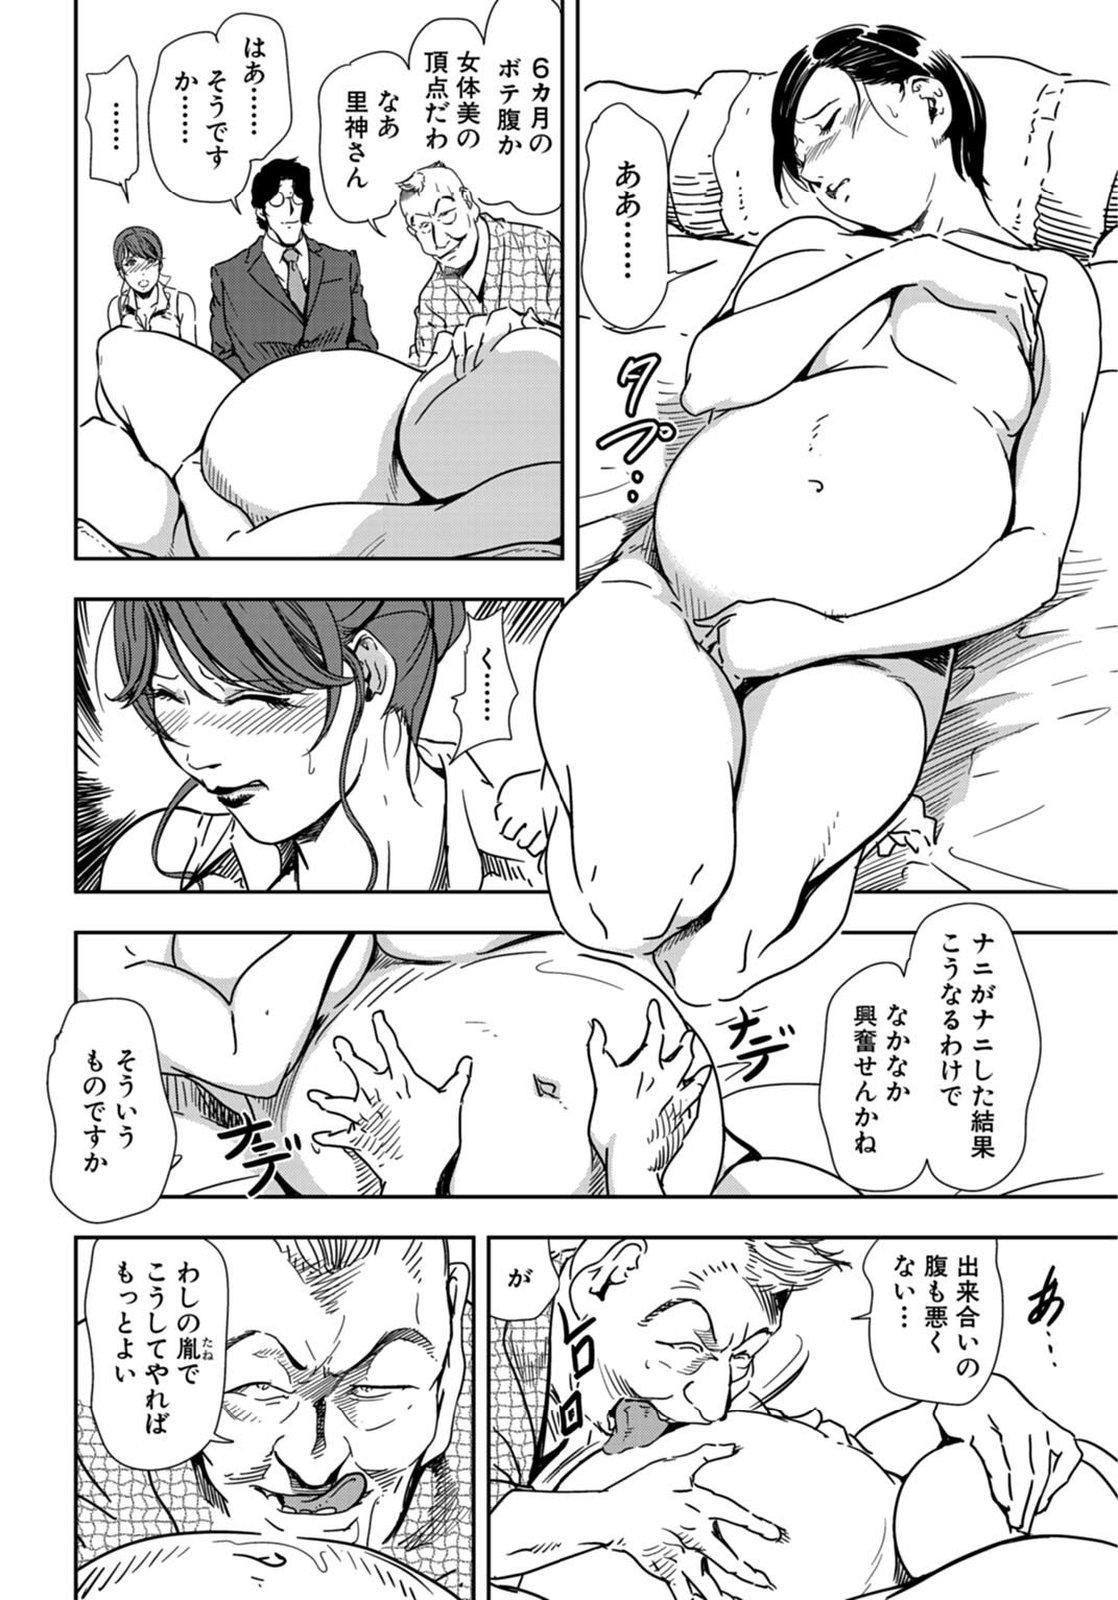 Nikuhisyo Yukiko 21 33